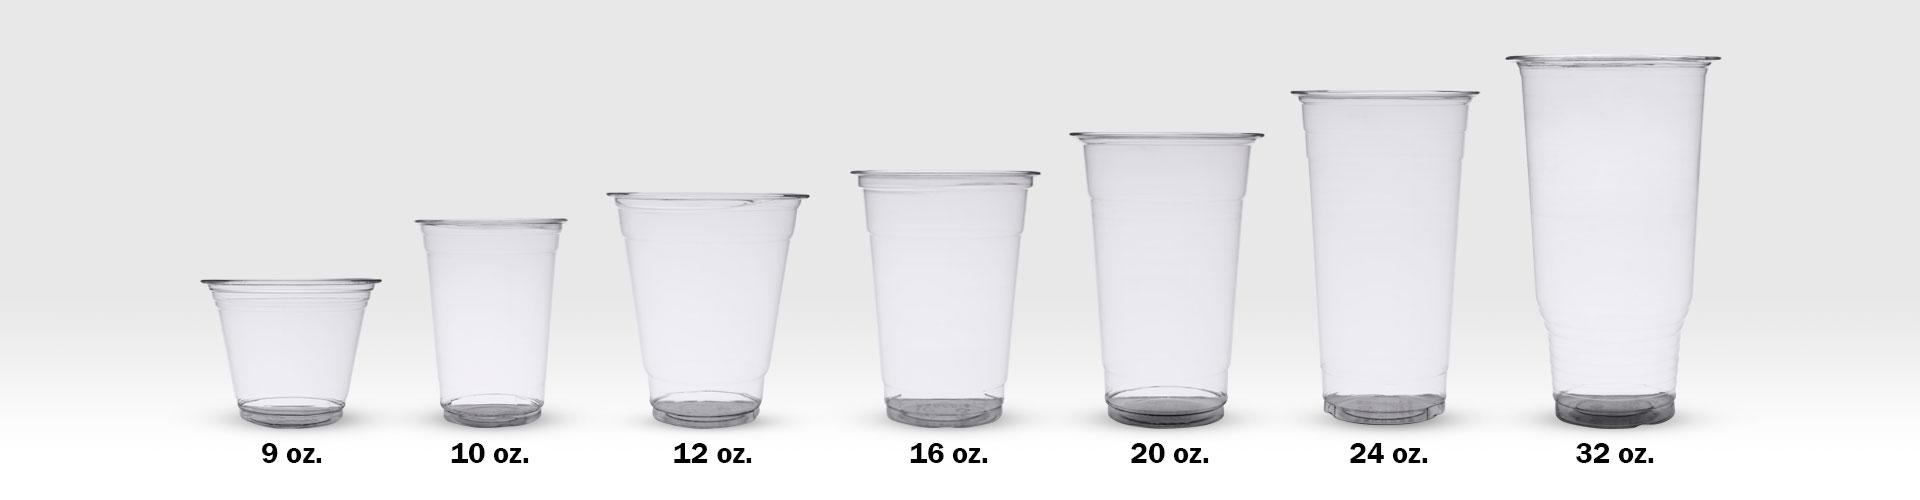 JM Distribuidores - Vasos de plático PETE